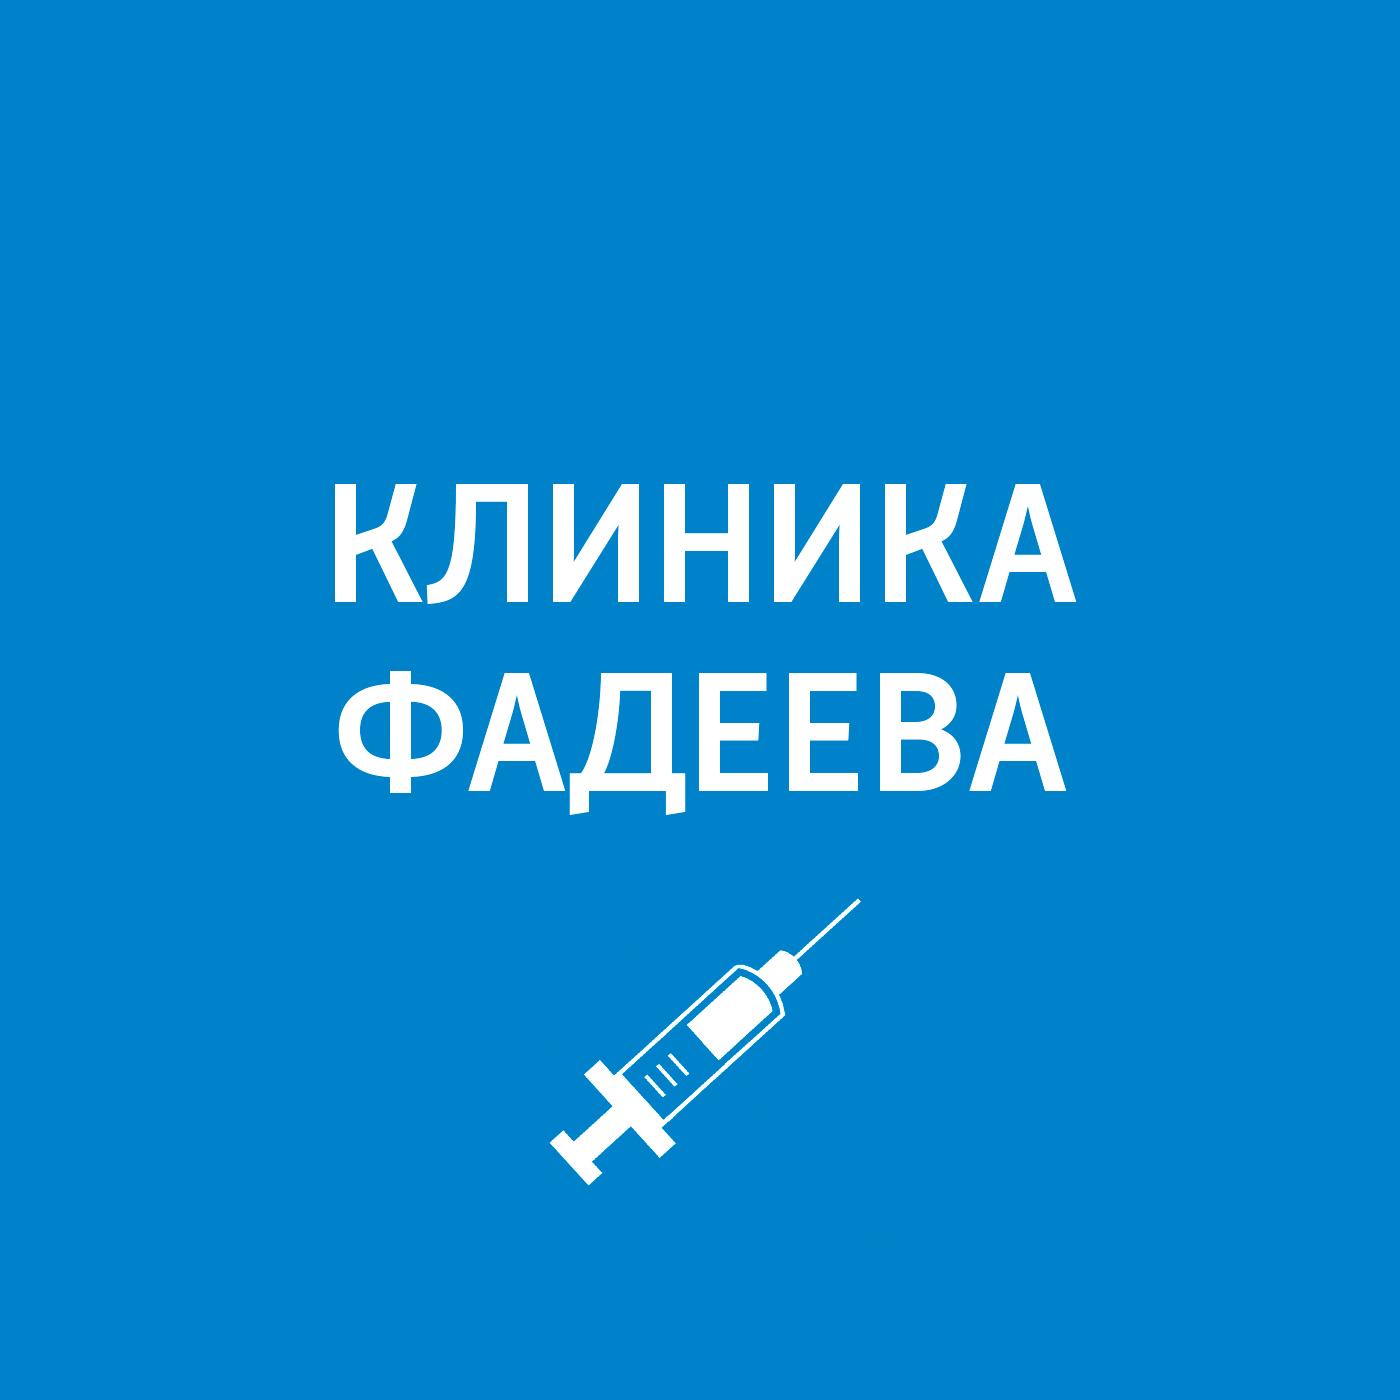 Пётр Фадеев Эндокринология пётр фадеев ветеринар герпетолог